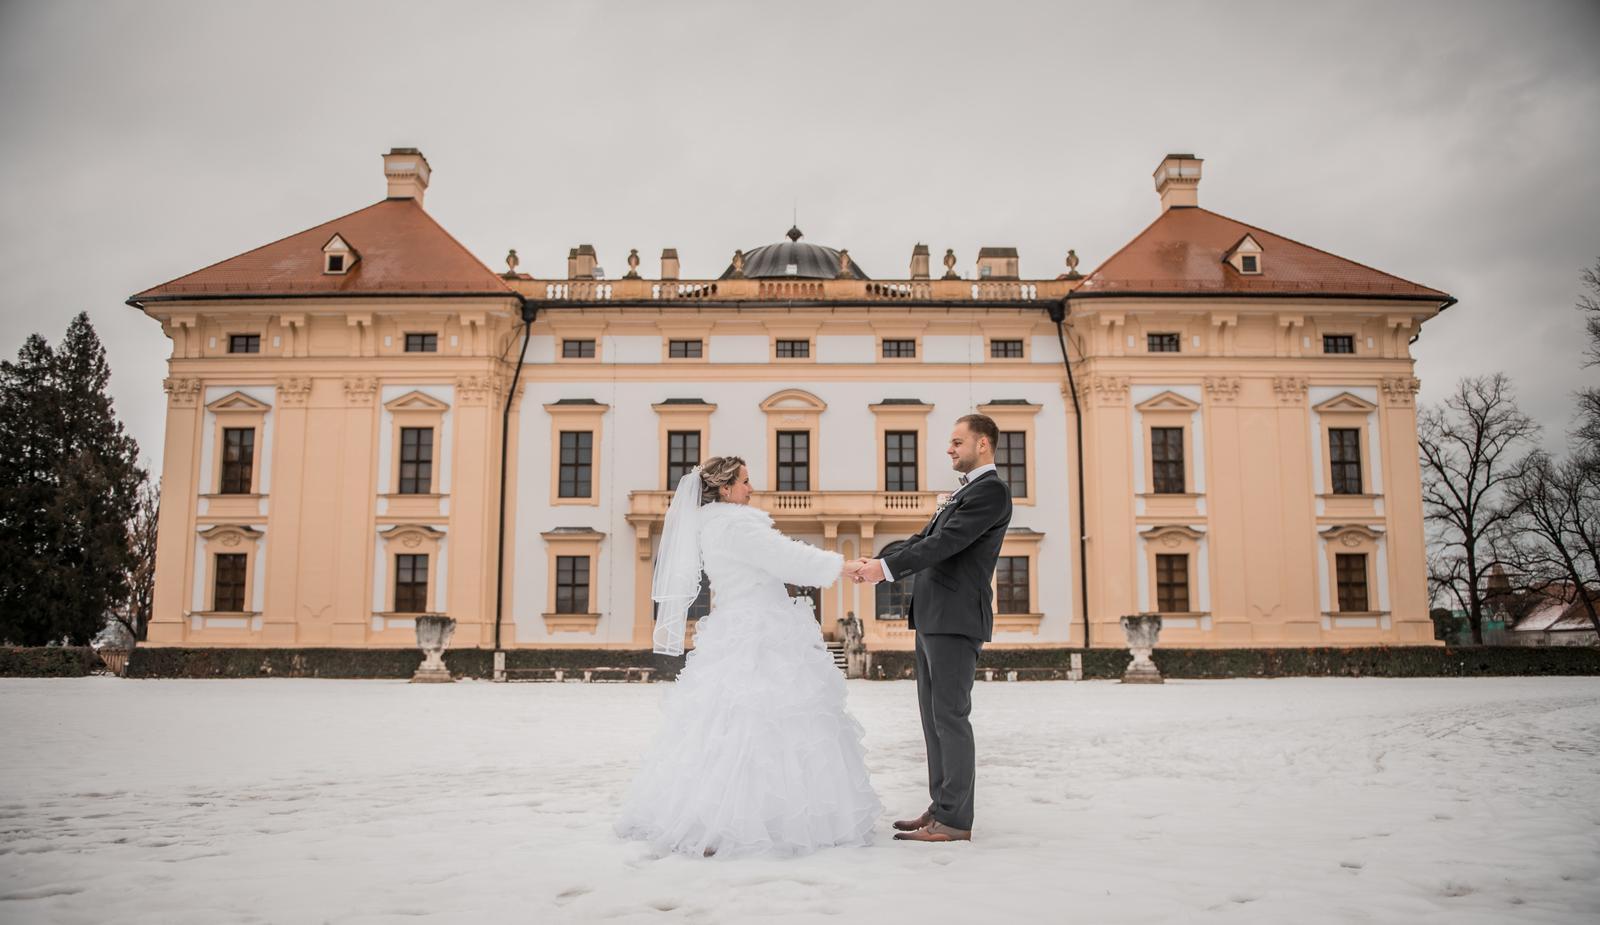 Akce zimní svatby - Obrázek č. 4